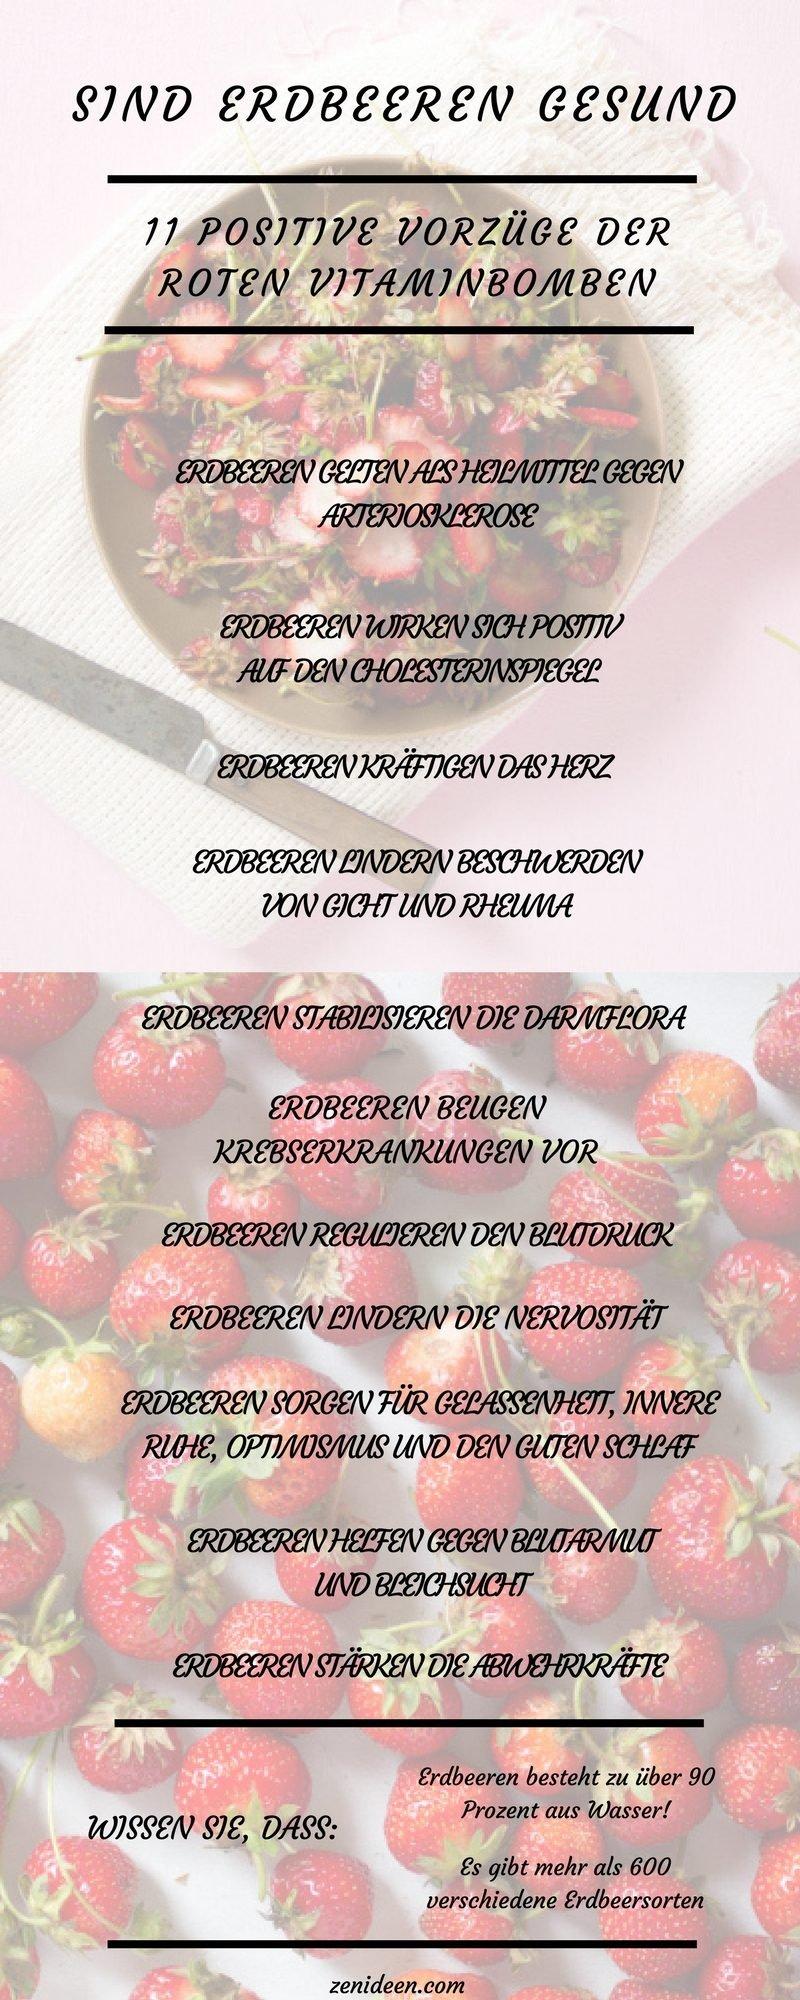 erdbeeren gesund erdbeeren nährwerte erdbeeren kohlenhydrate